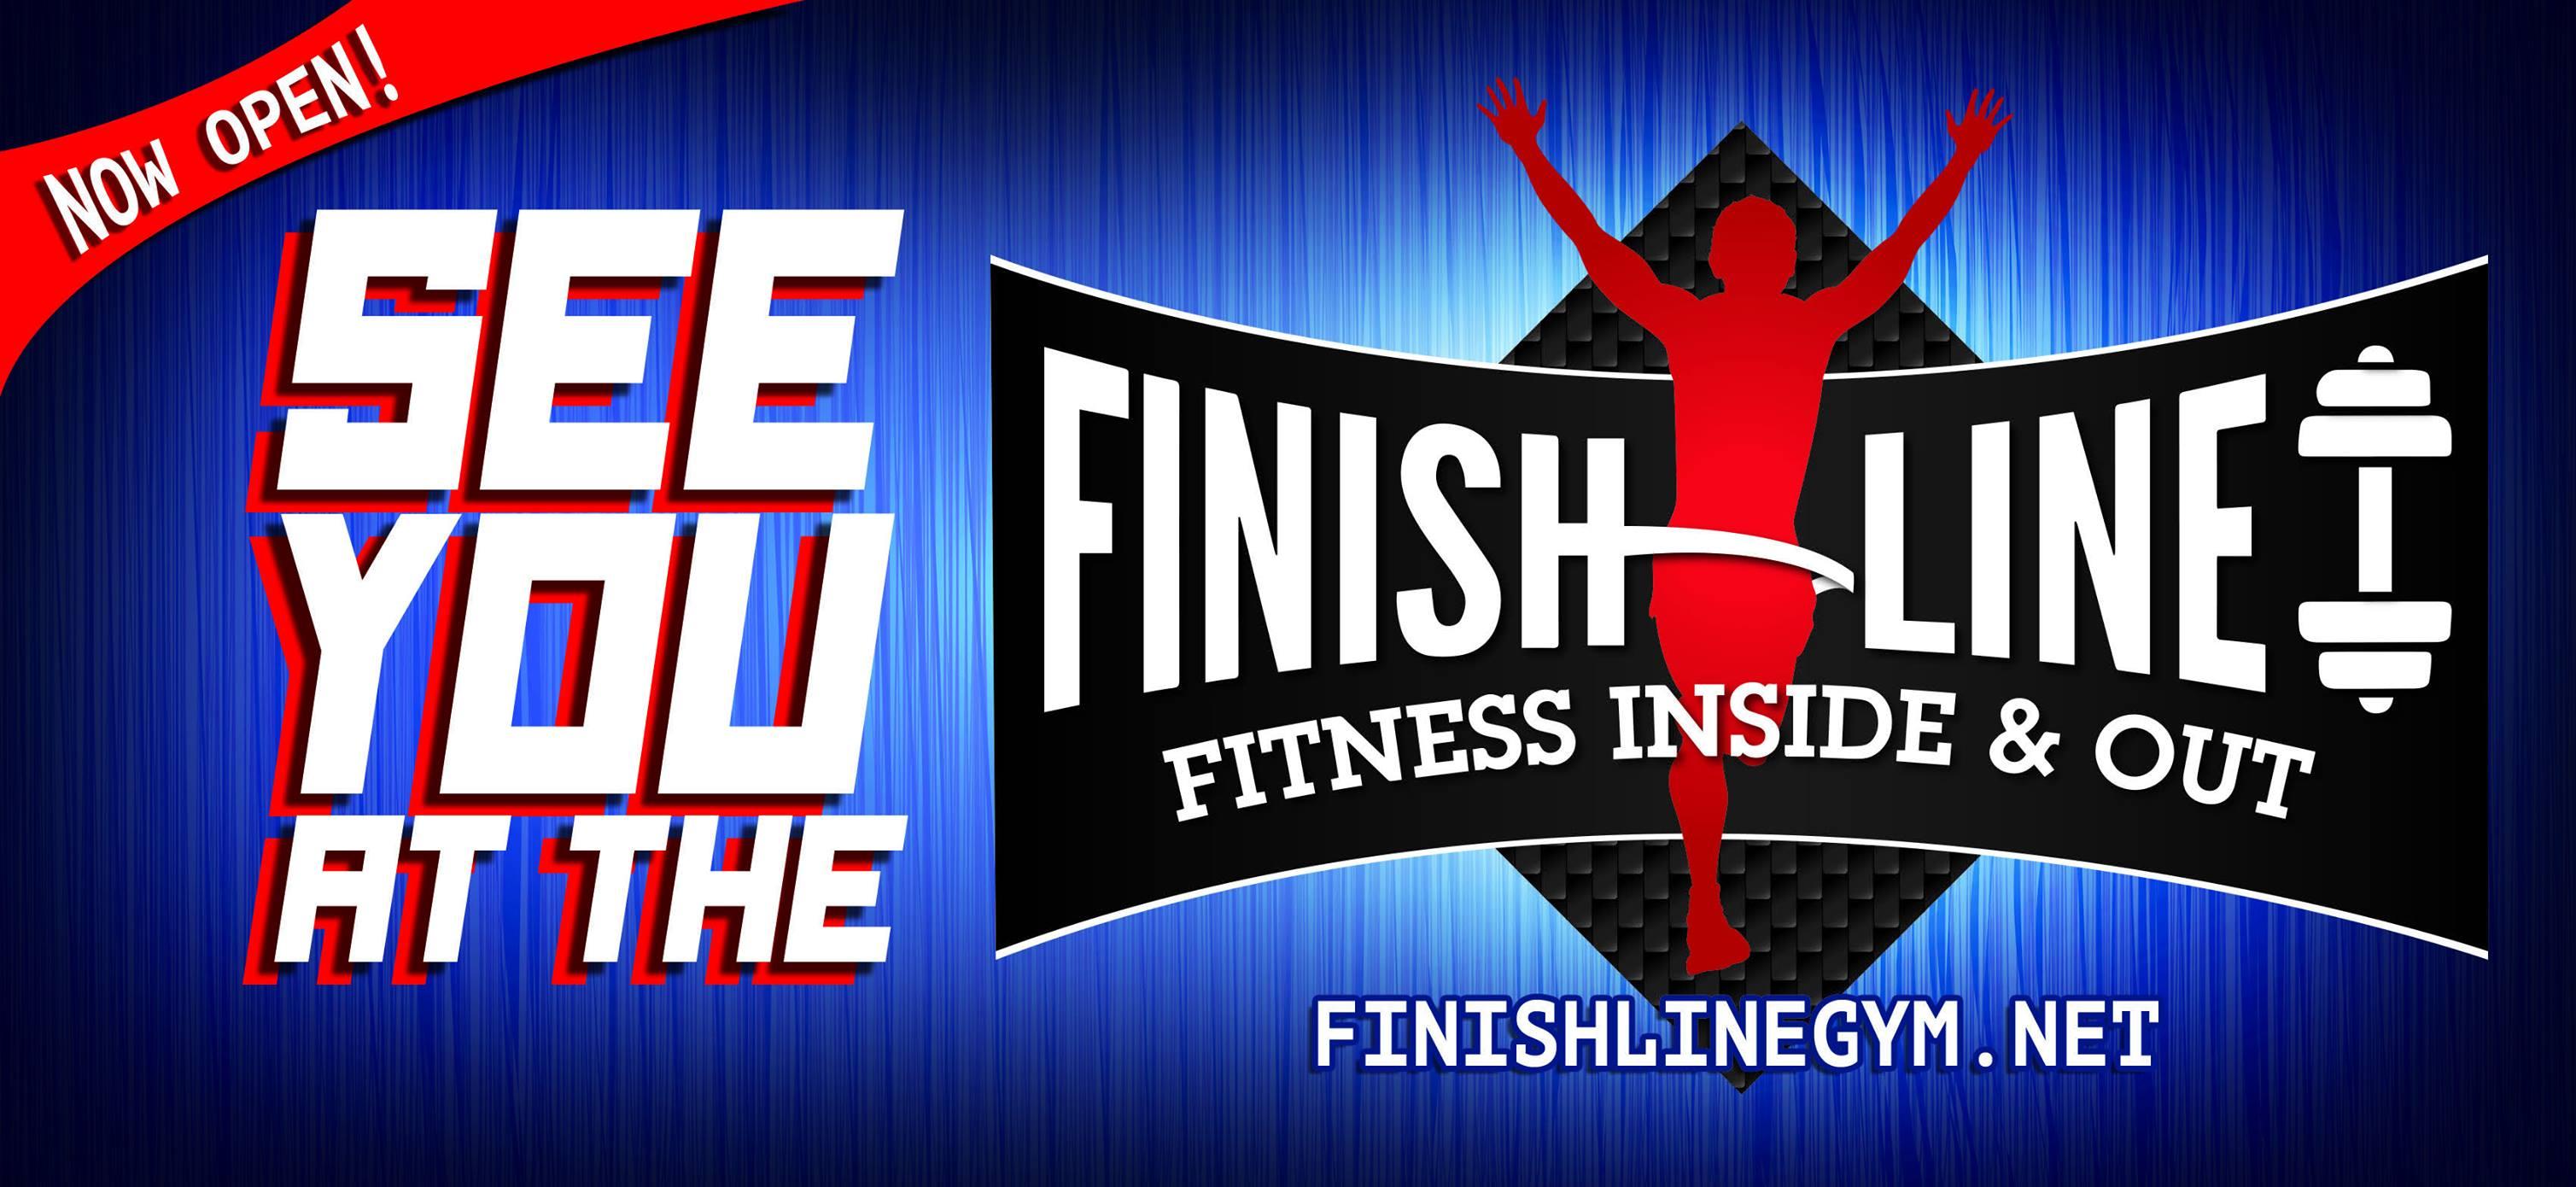 Finish Line Fitness Cener